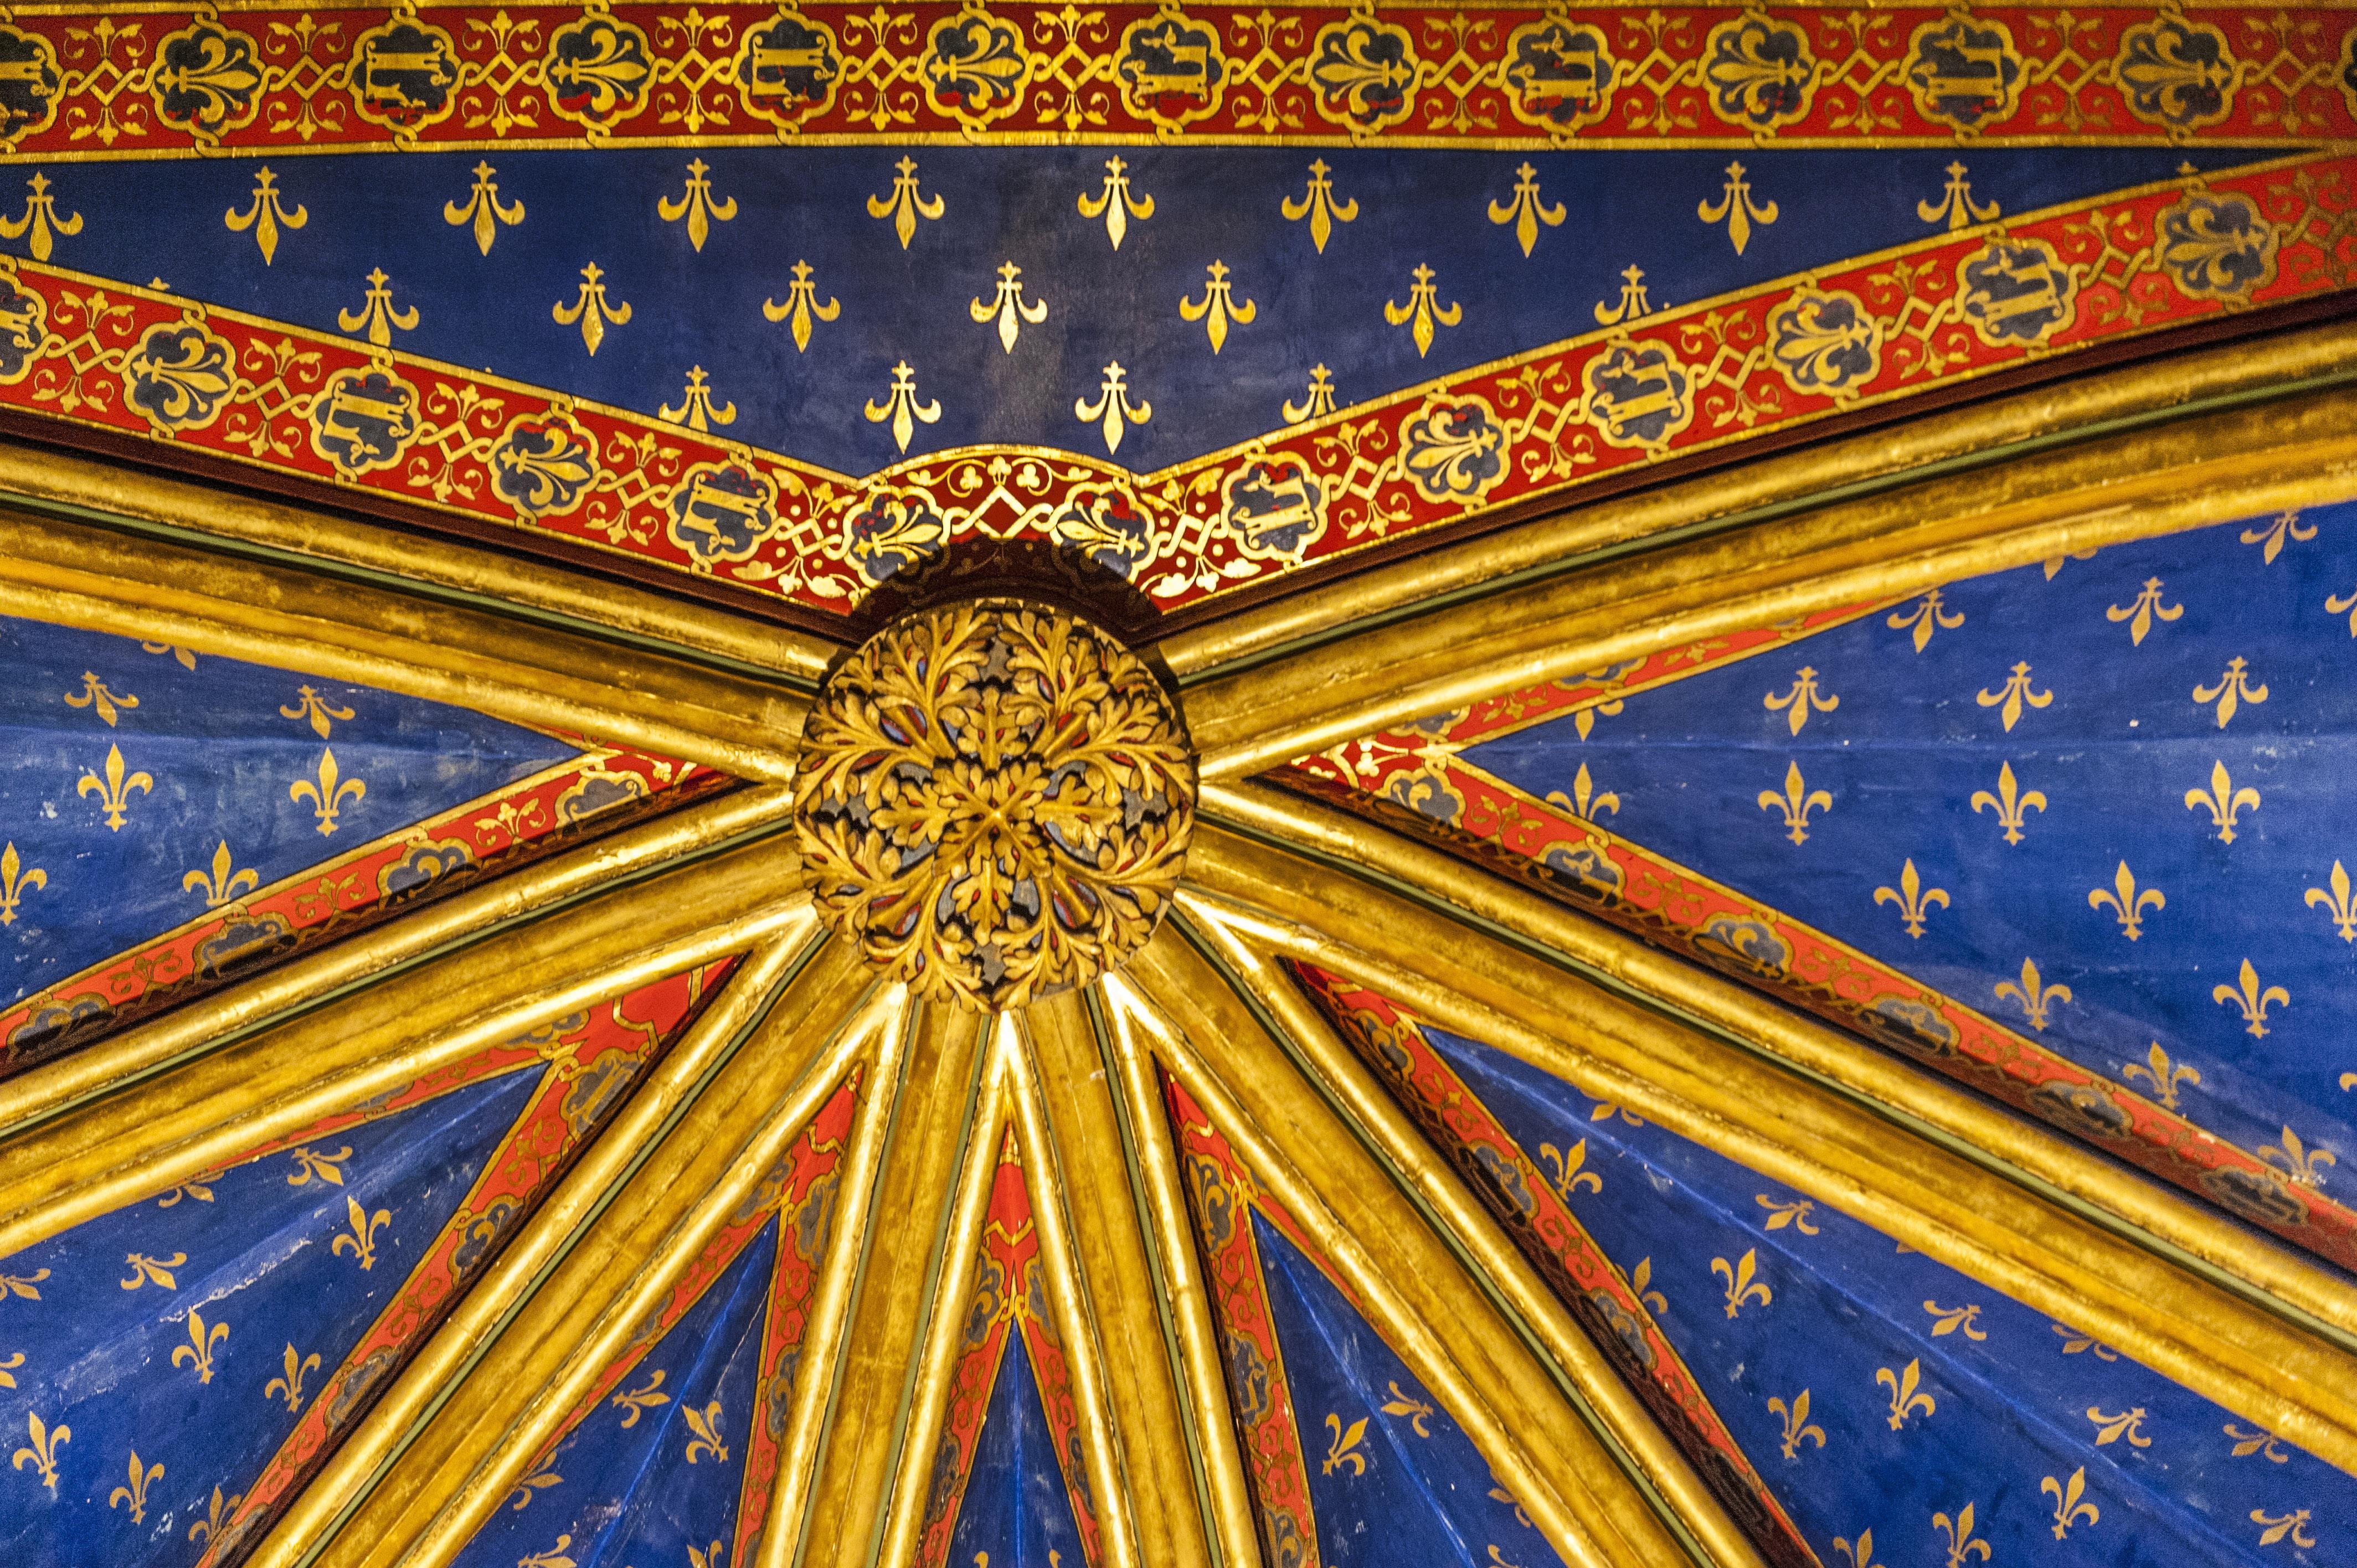 Blau, Rot, Gold; die Grundfarben der Sainte-Chapelle zu Paris. Foto: Hilke Maunder